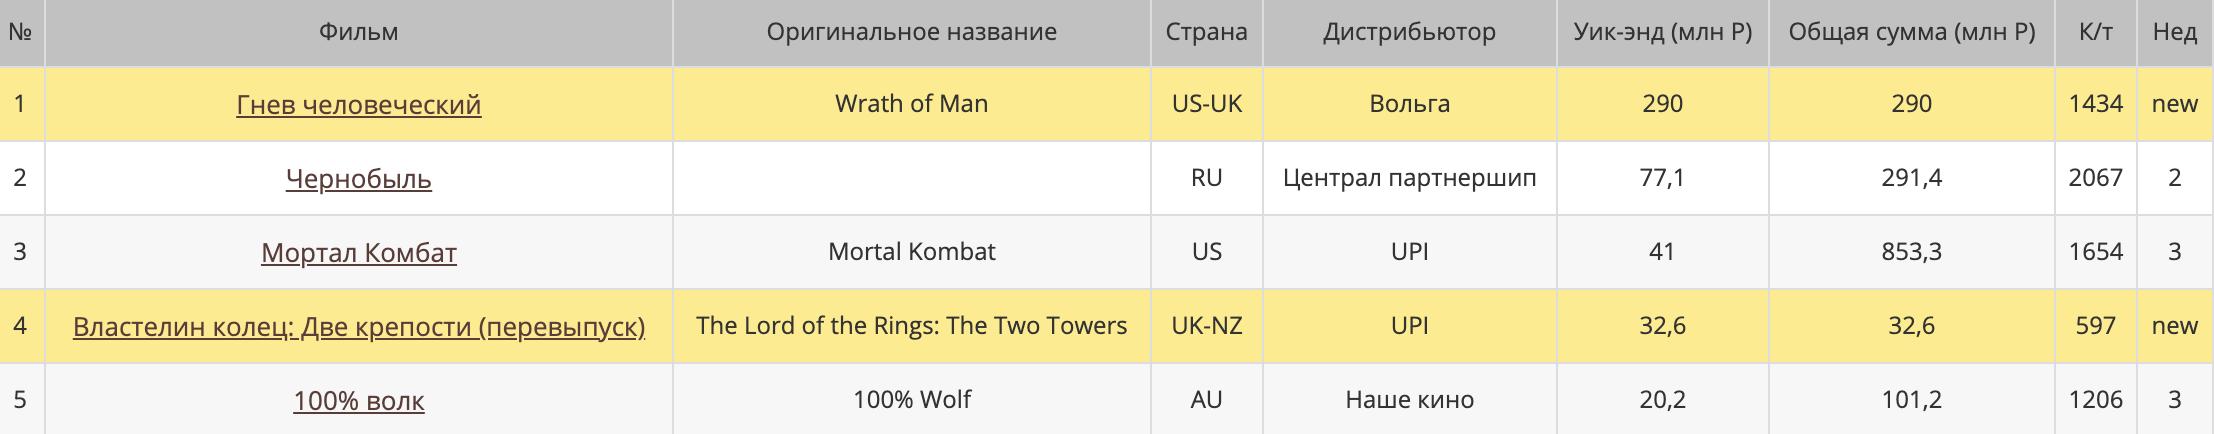 Российские сборы триллера «Гнев человеческий» от Гая Ричи за первую неделю